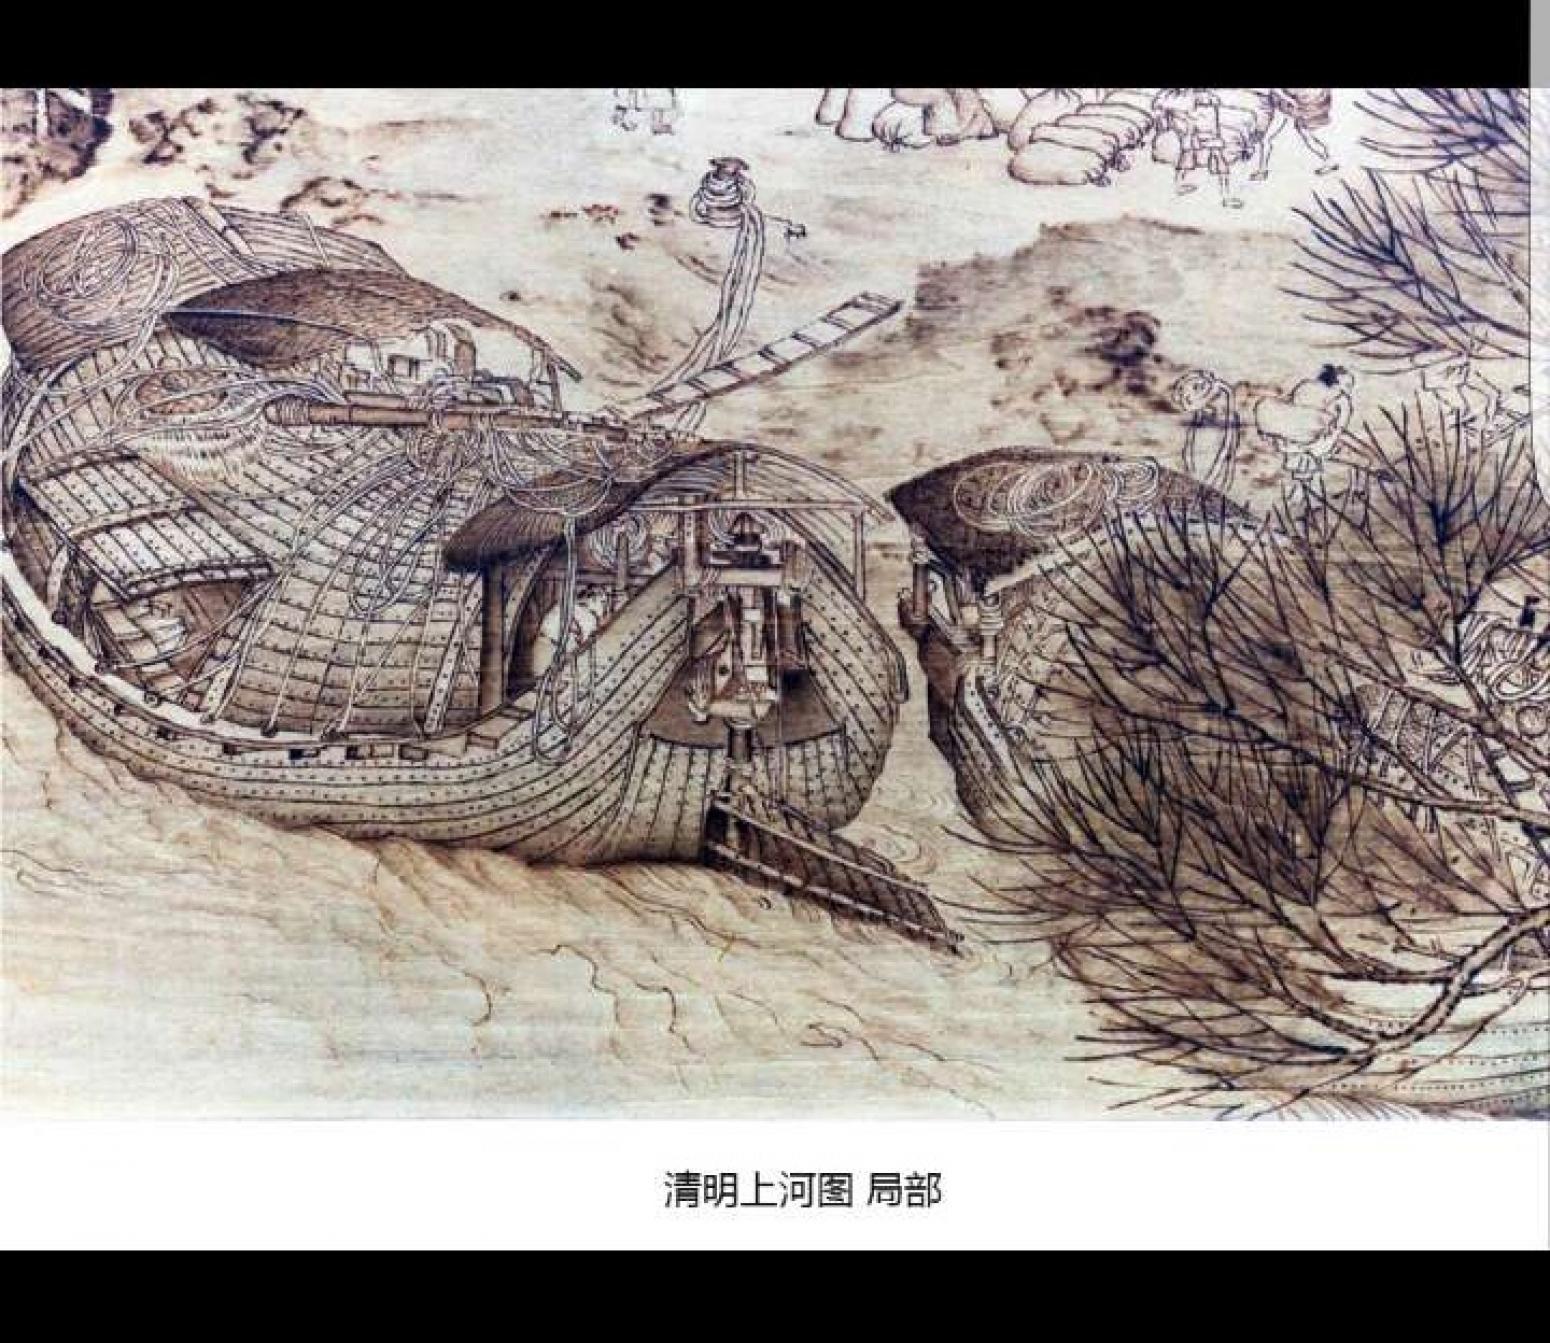 王全战手工作品《烙画-清明上河图局部》